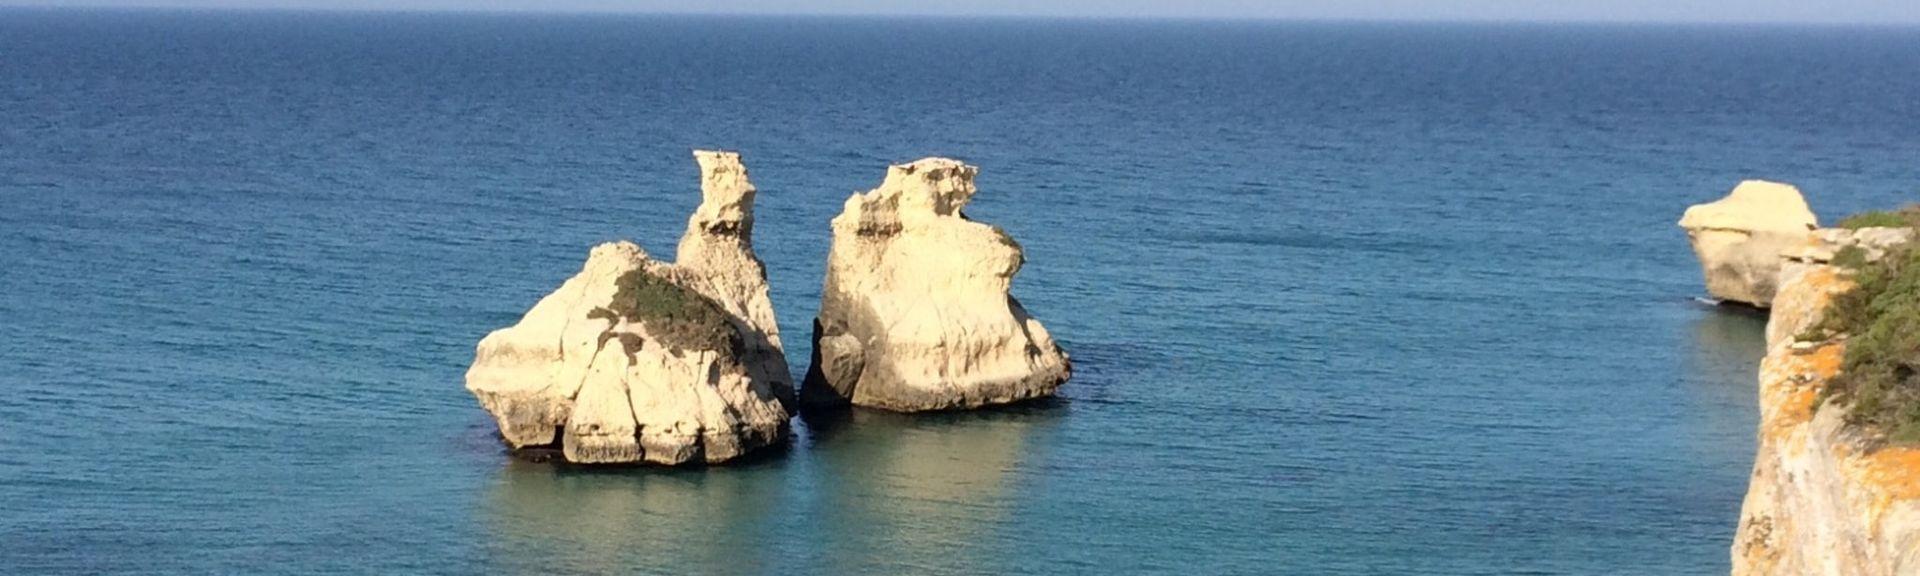 Galugnano LE, Lecce, Puglia, Italy